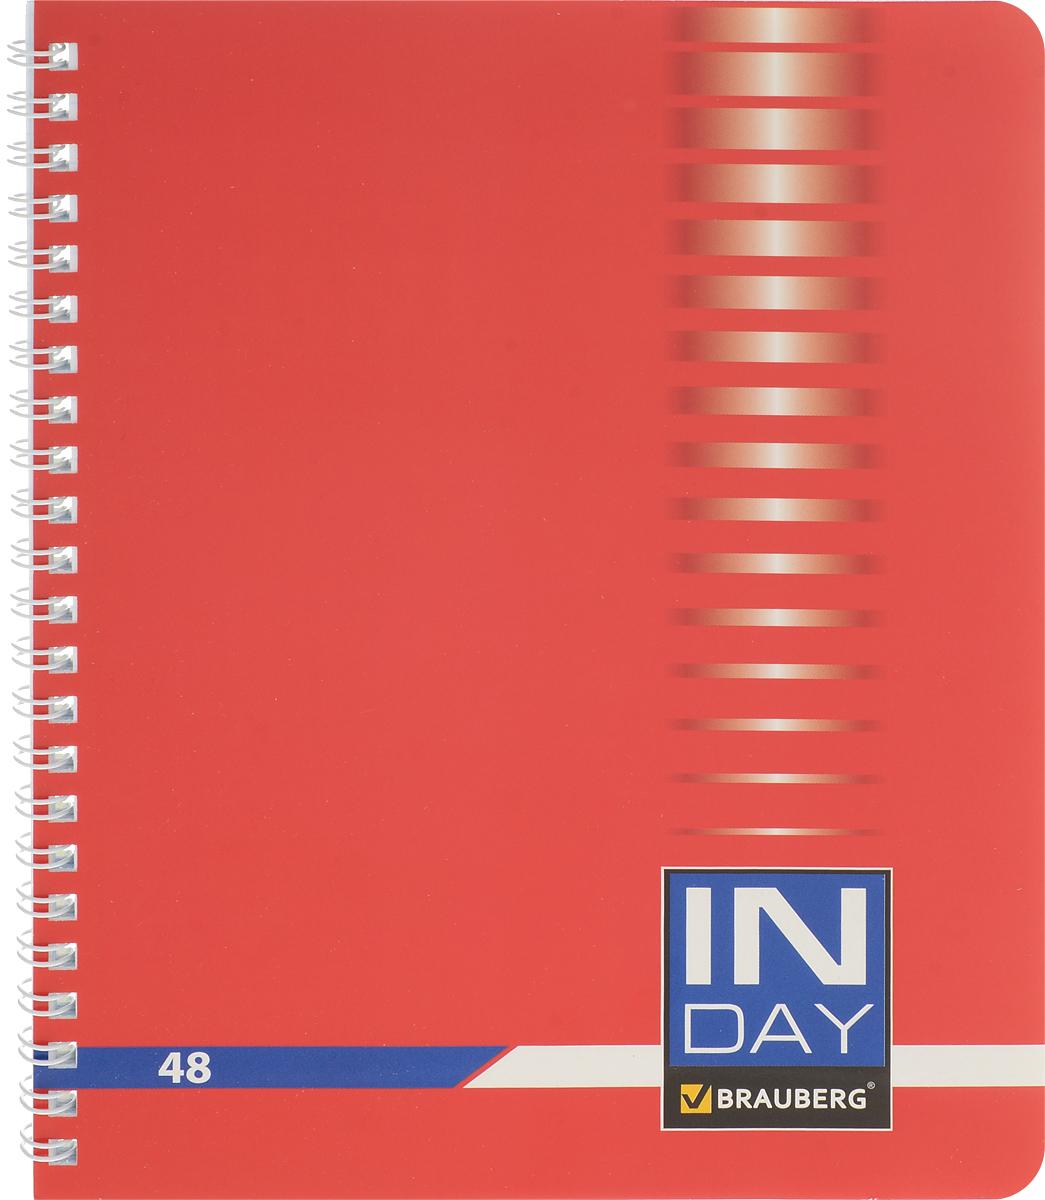 Brauberg Тетрадь In Day 48 листов в клетку цвет красный72523WDТетрадь Brauberg In Day для учебы и работы.Обложка, выполненная из плотного мелованного картона, позволит сохранить тетрадь в аккуратном состоянии на протяжении всего времени использования.Внутренний блок тетради, соединенный гребнем, состоит из 48 листов белой бумаги. Стандартная линовка в клетку голубого цвета не имеет полей. Страницы тетради дополнены микроперфорацией для удобного отрыва листов.